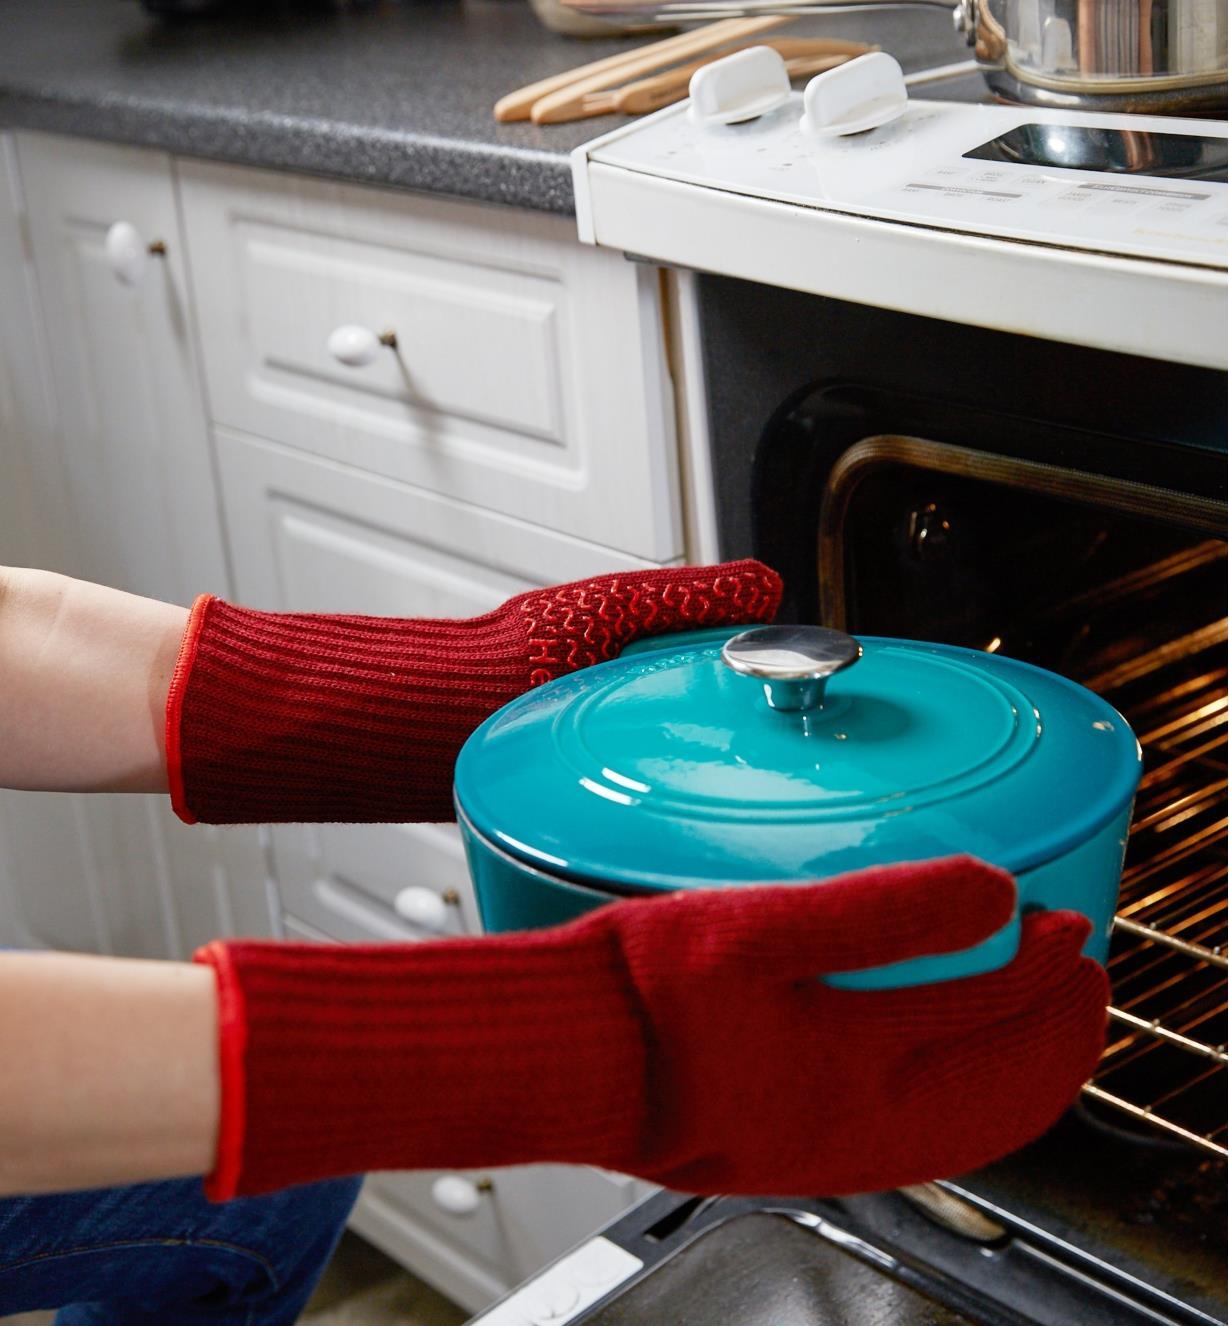 Personne portant des gants de cuisine pour retirer une cocotte en fonte du four